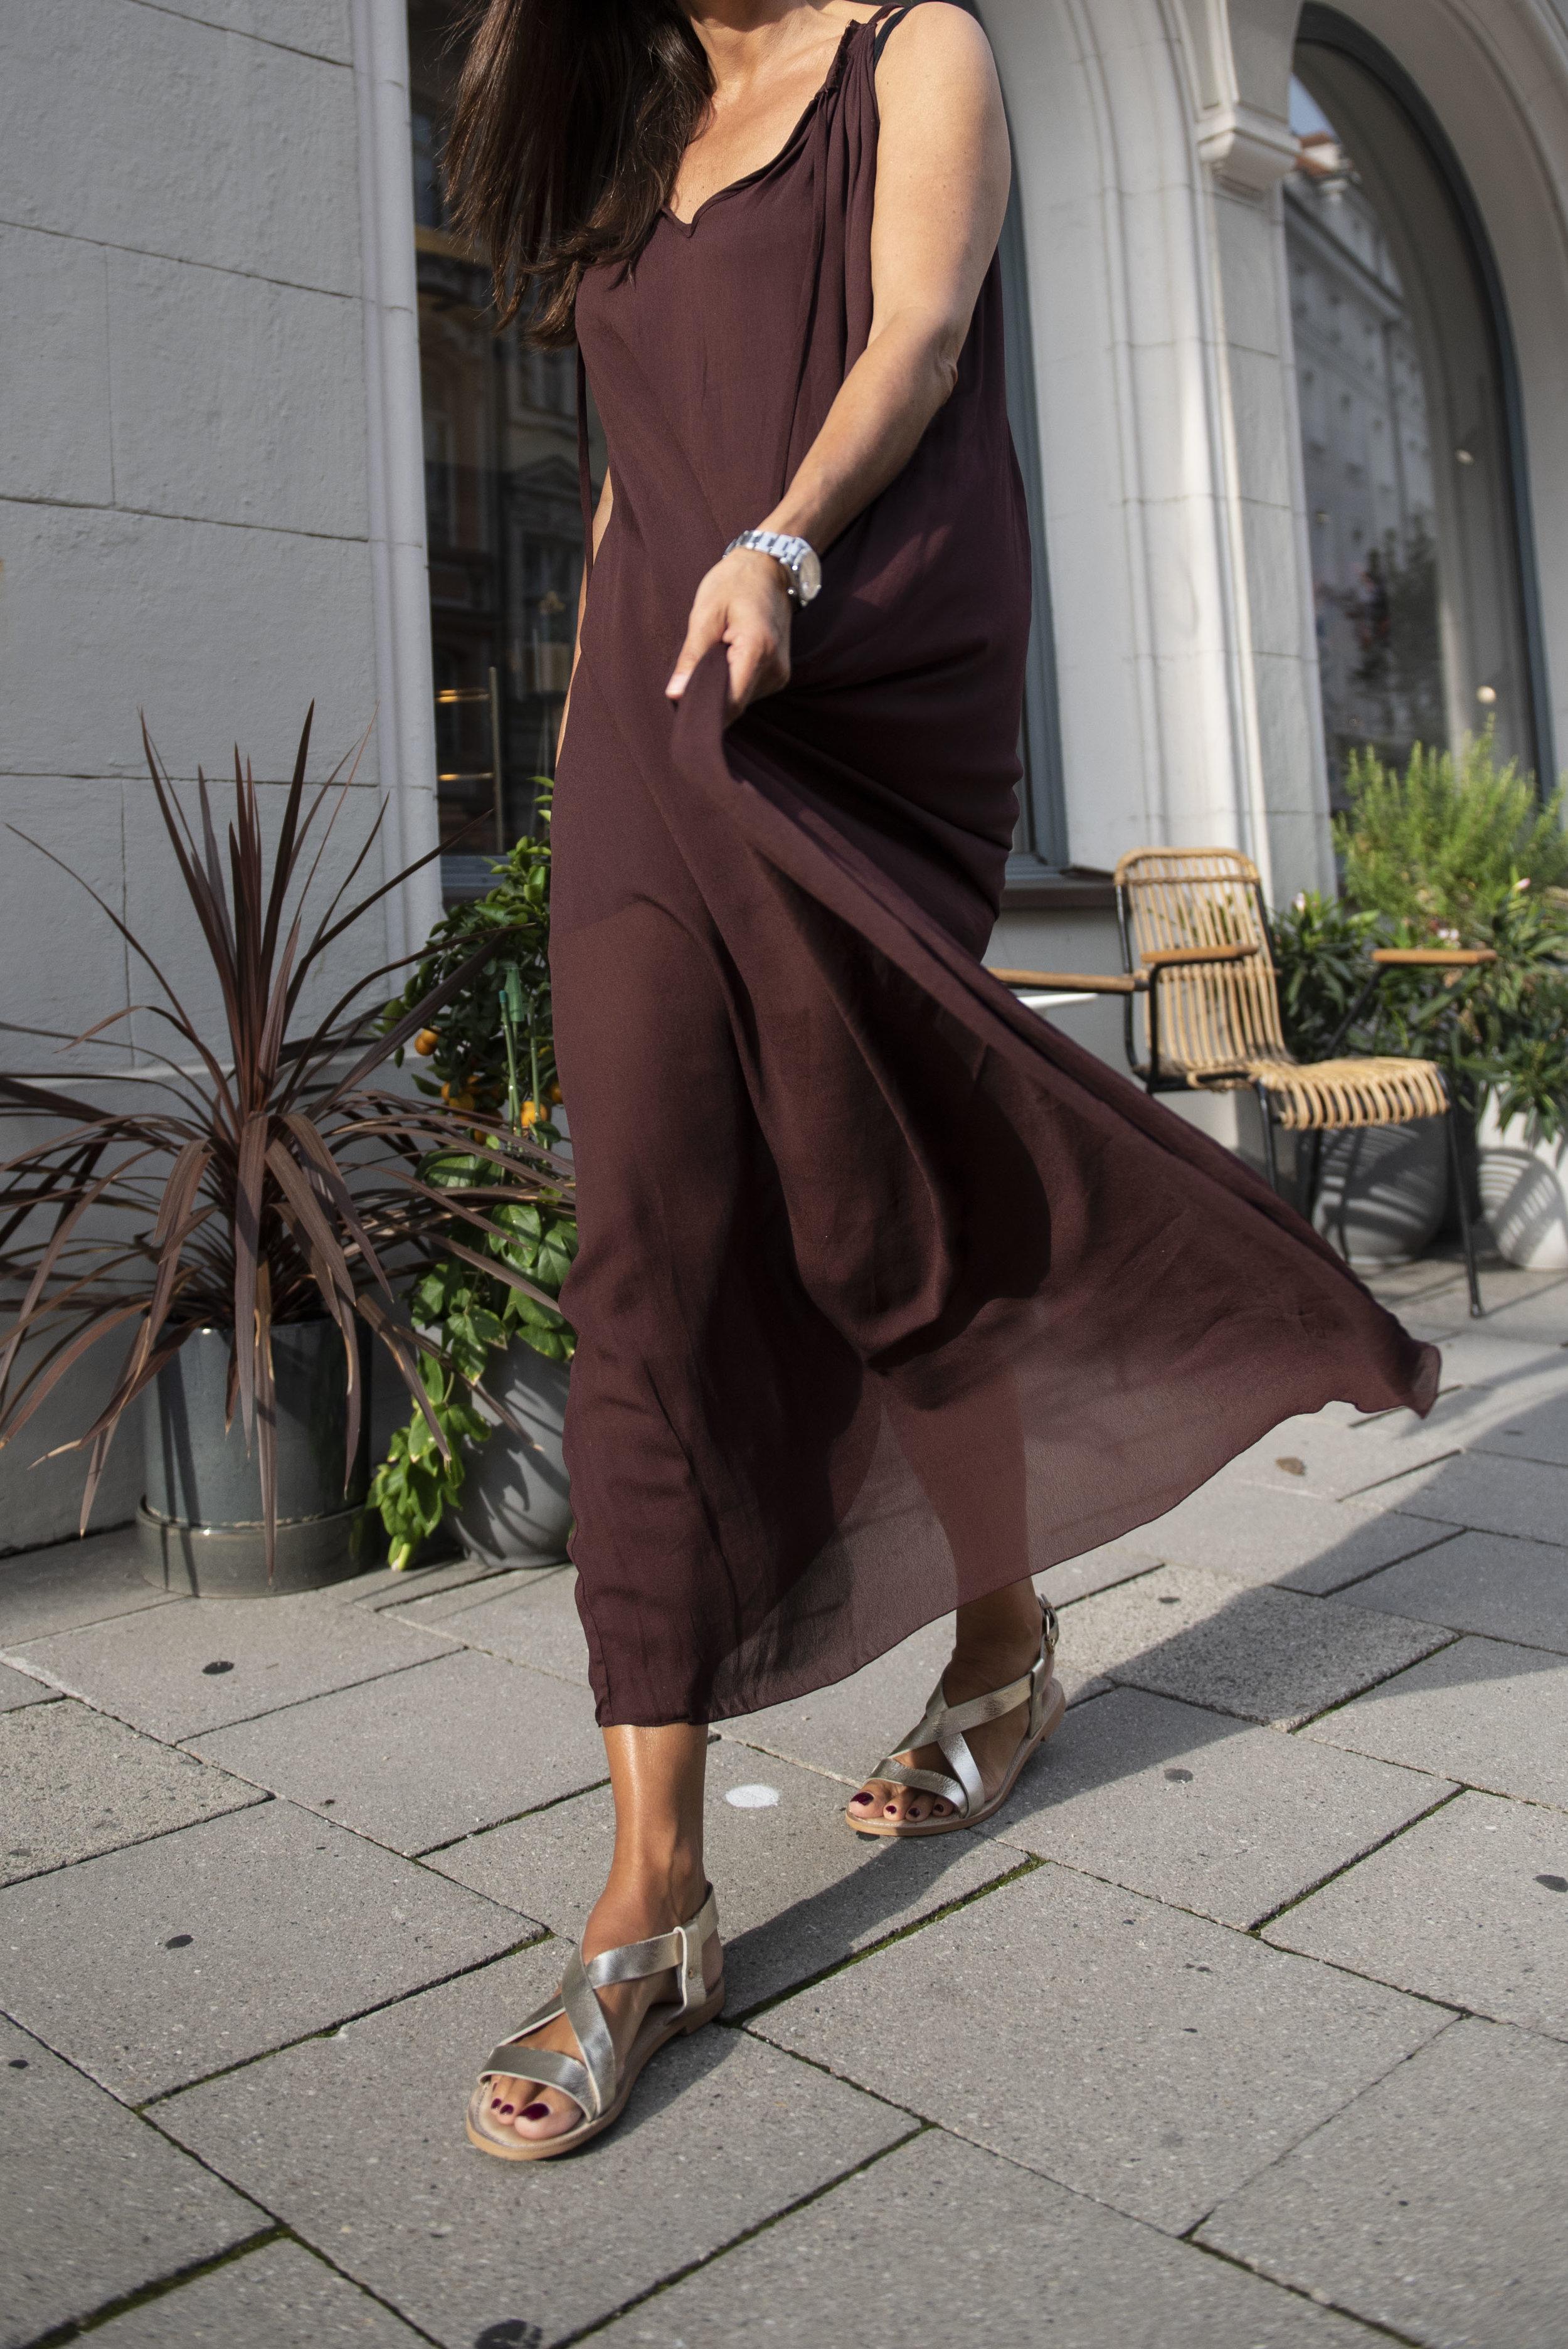 BeFifty Blog für Frauen über 50 unkompliziertes Sommerkleid für große Hitze Rabens Salonen